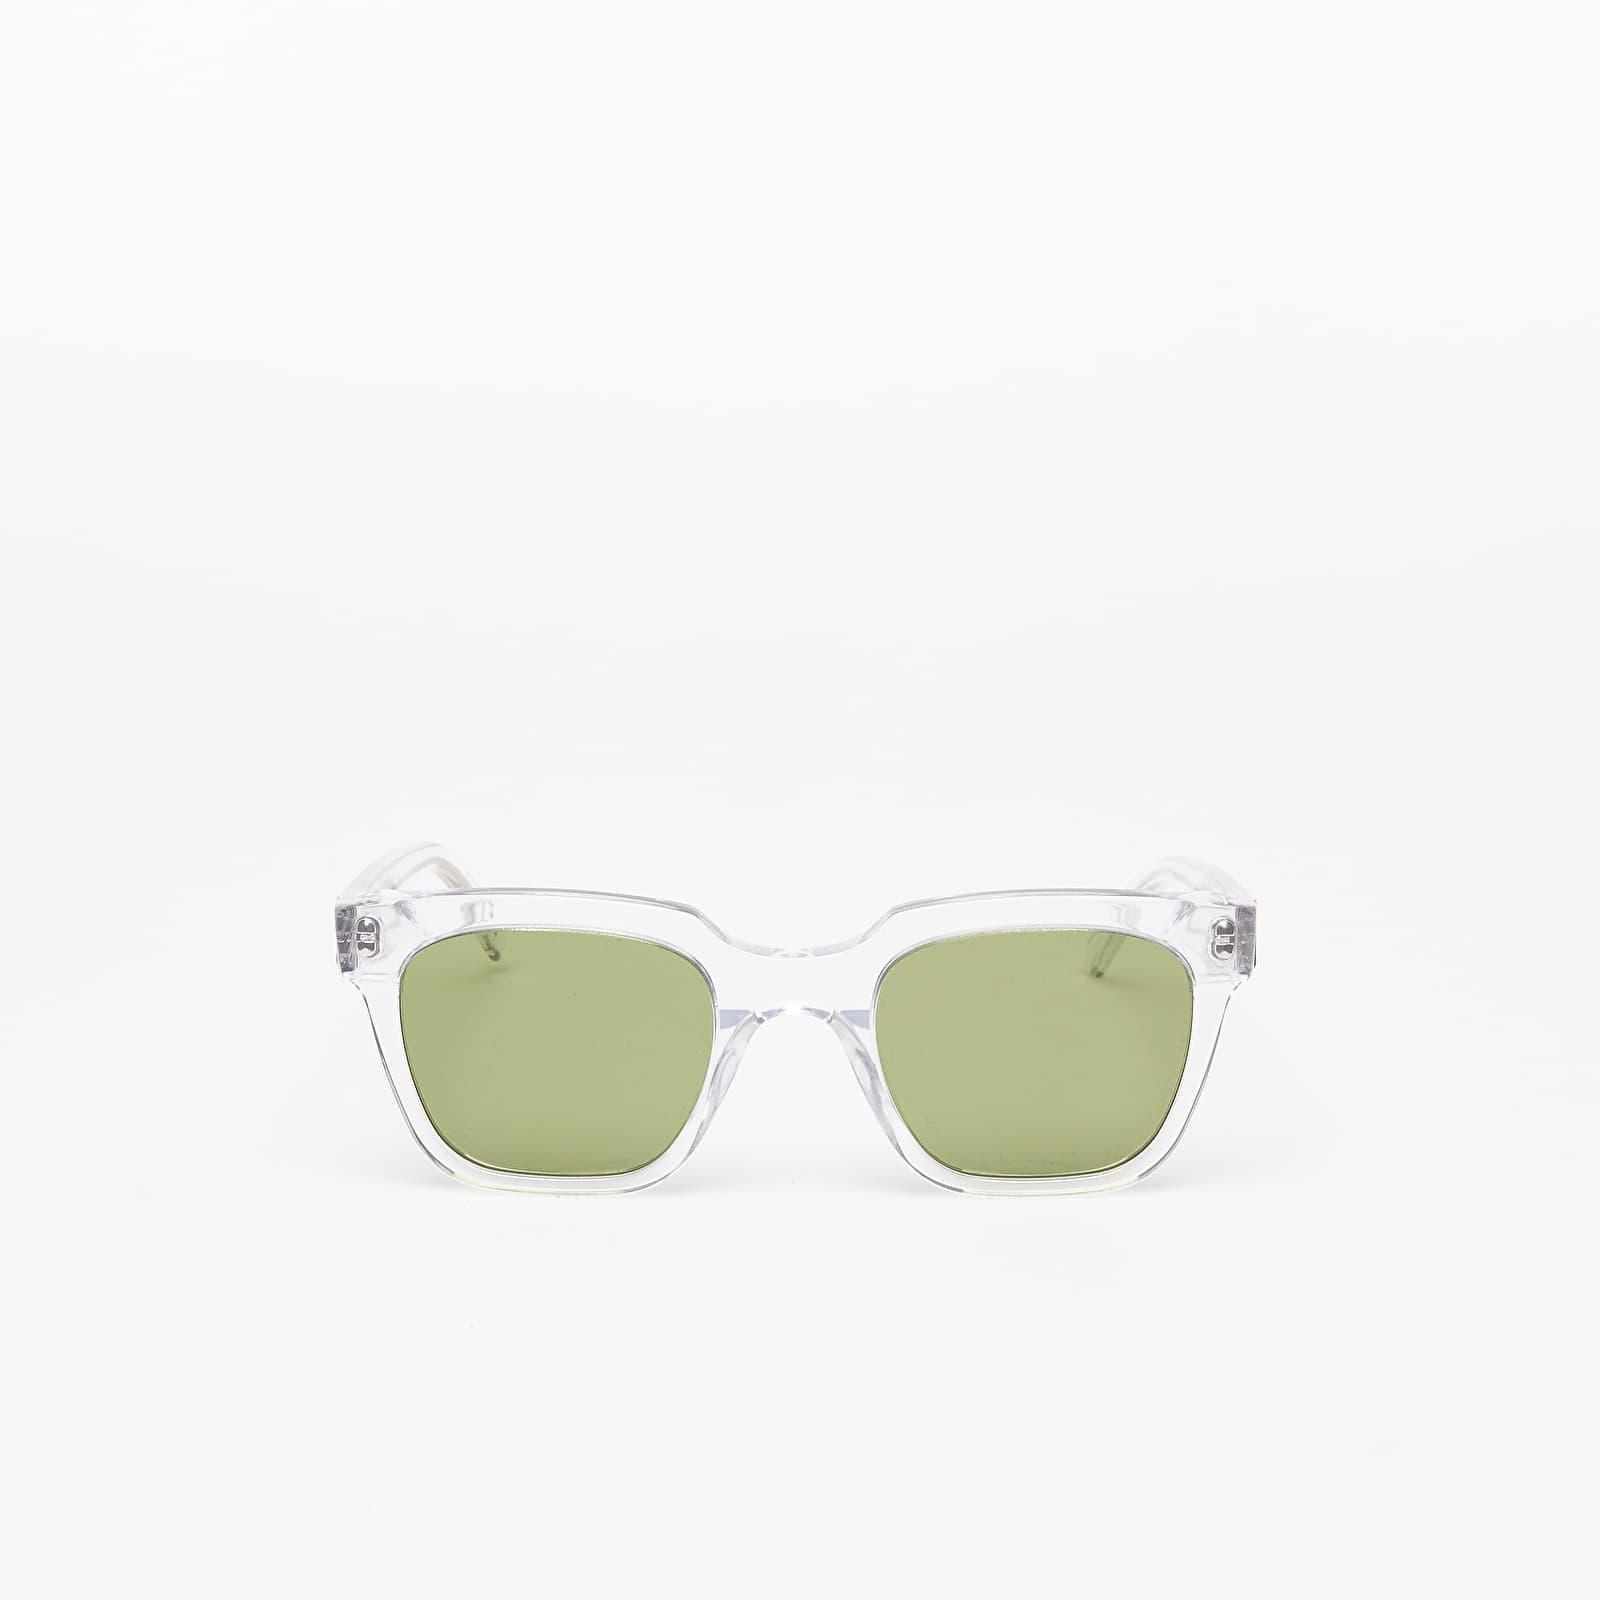 Napszemüvegek RETROSUPERFUTURE Giusto Sunglasses Crystal